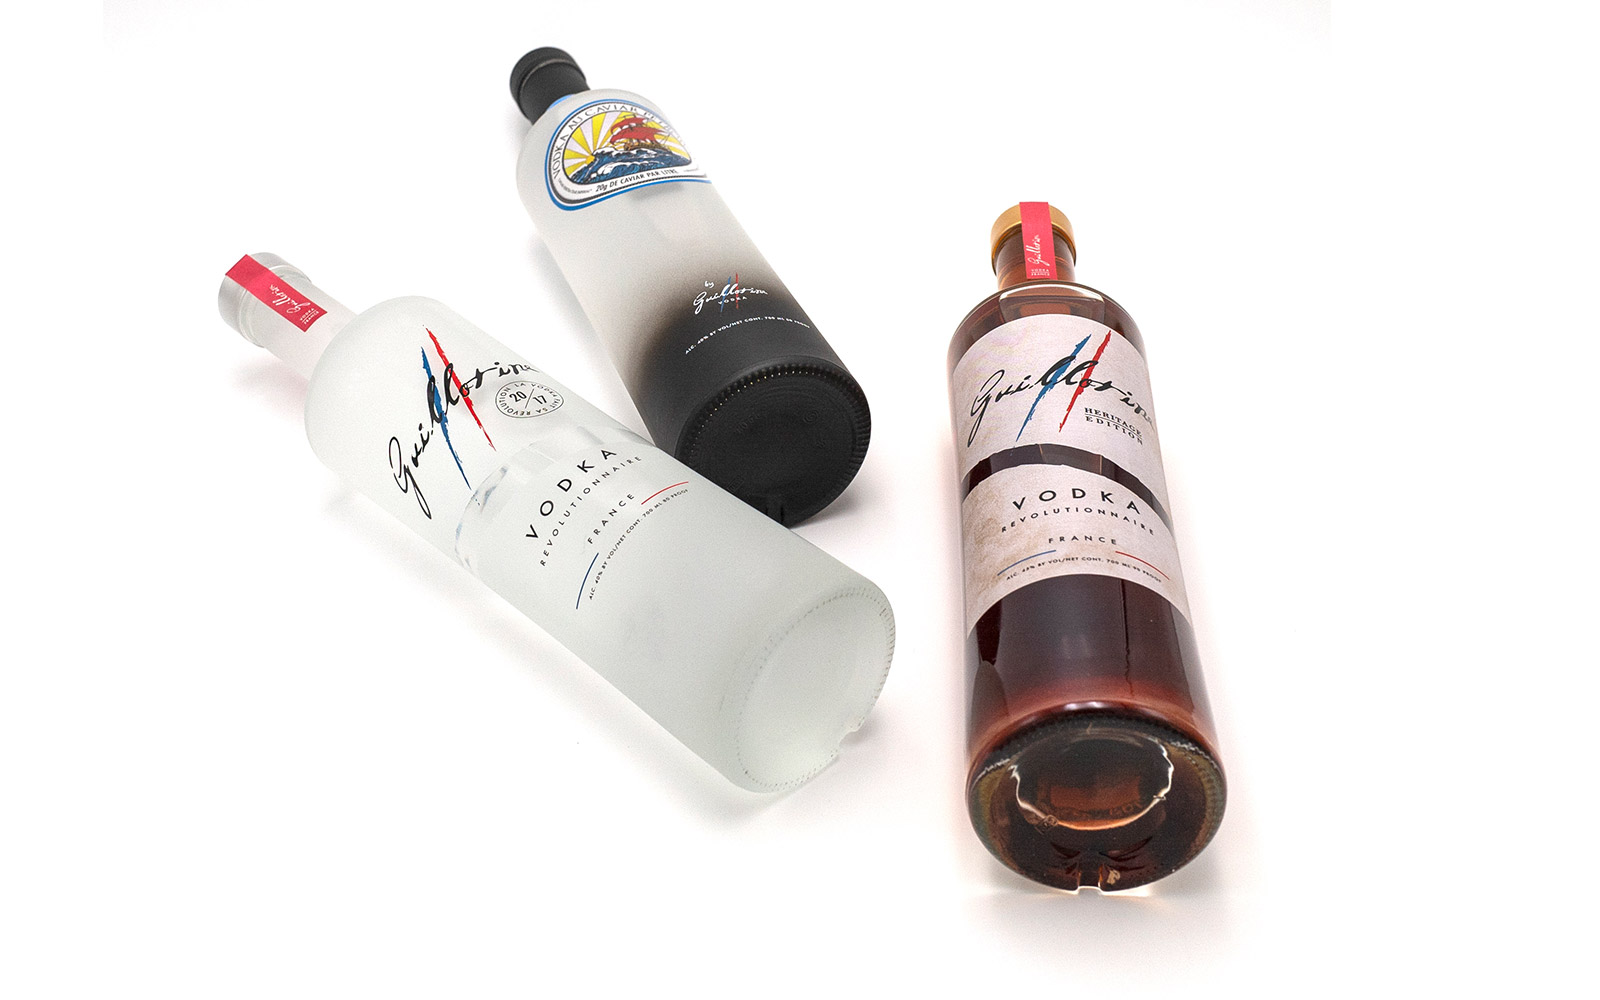 les trois vodkas Guillotine